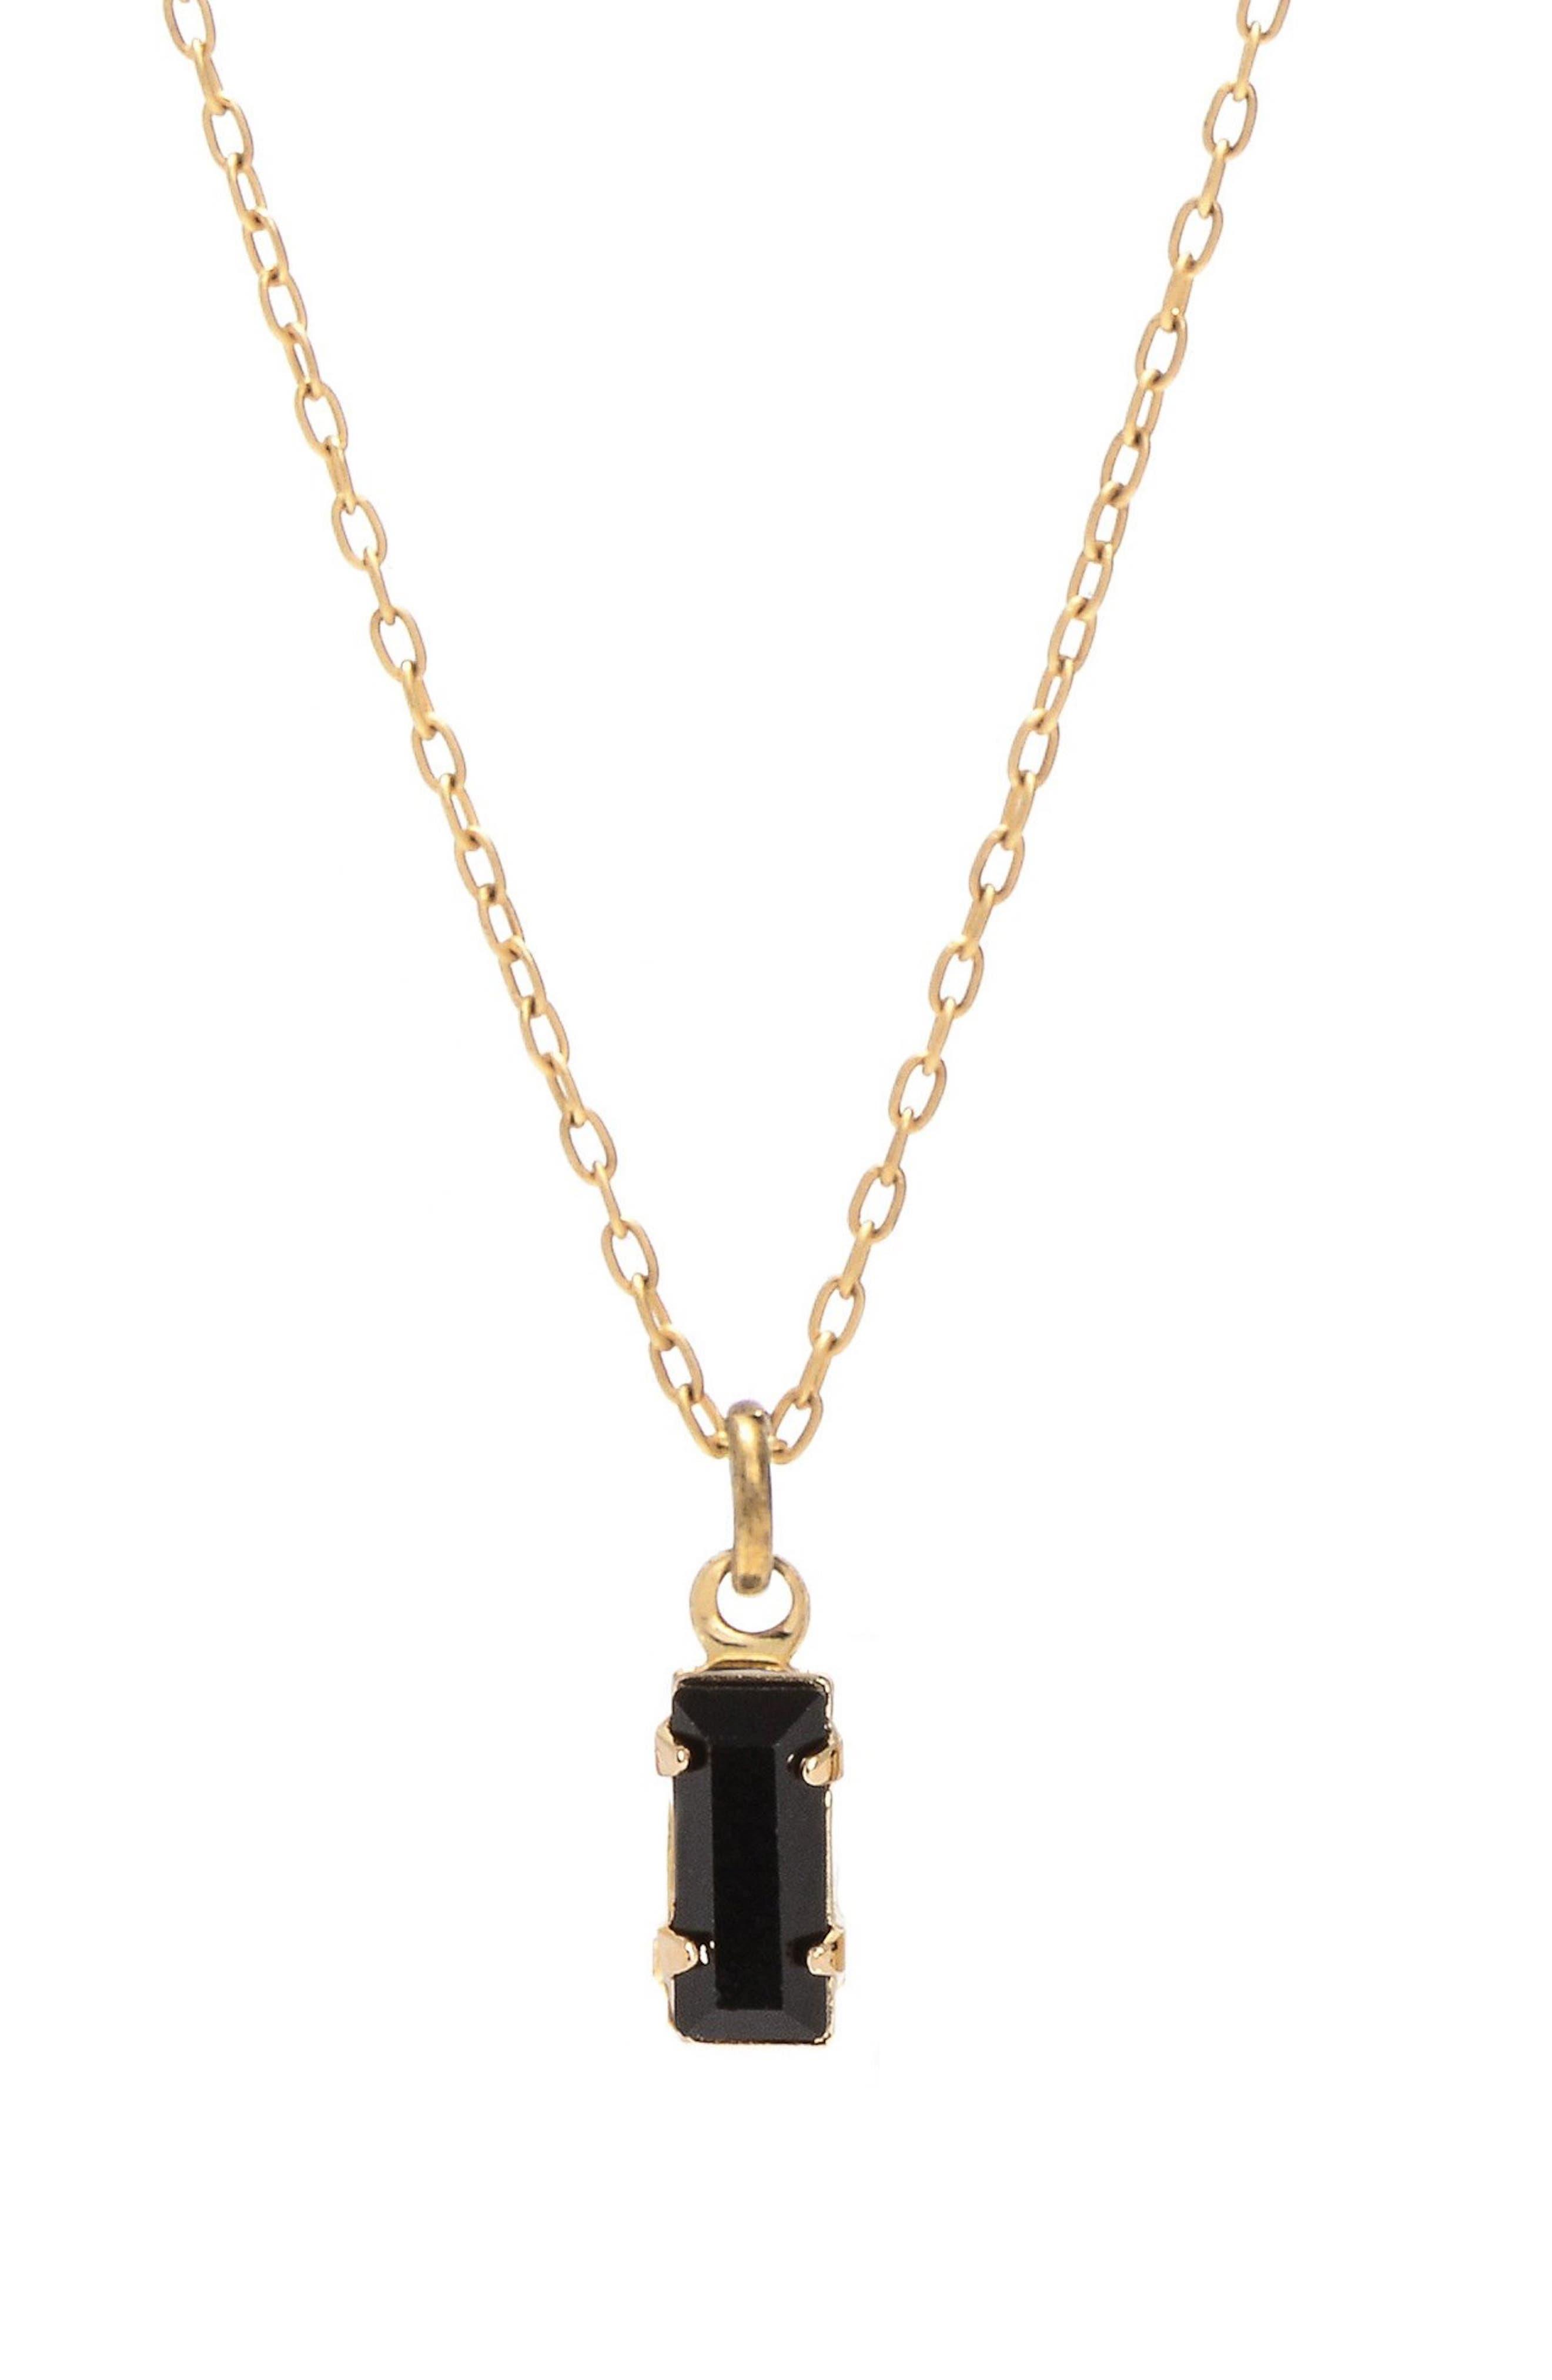 Tiny Baguette Pendant Necklace